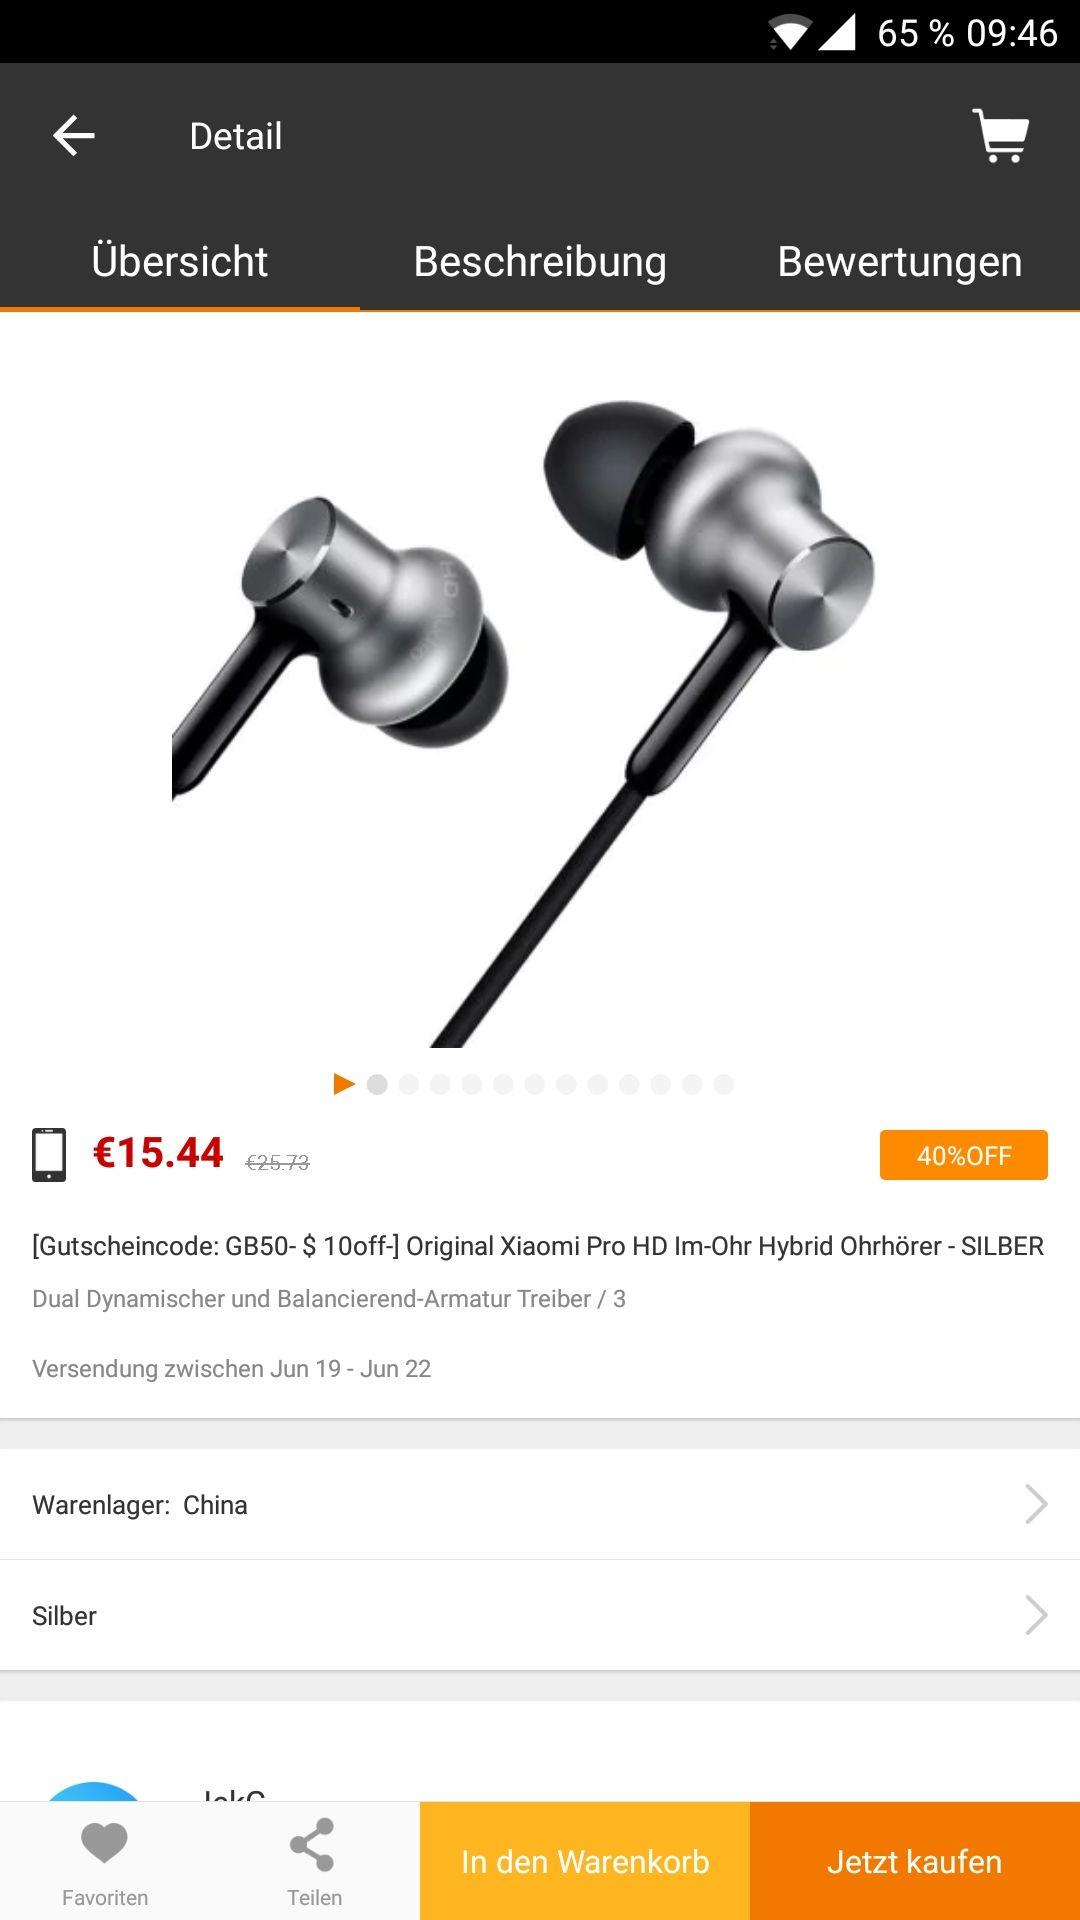 XIAOMI Hybrid Pro HD In-Ears im Sale über GearBest App